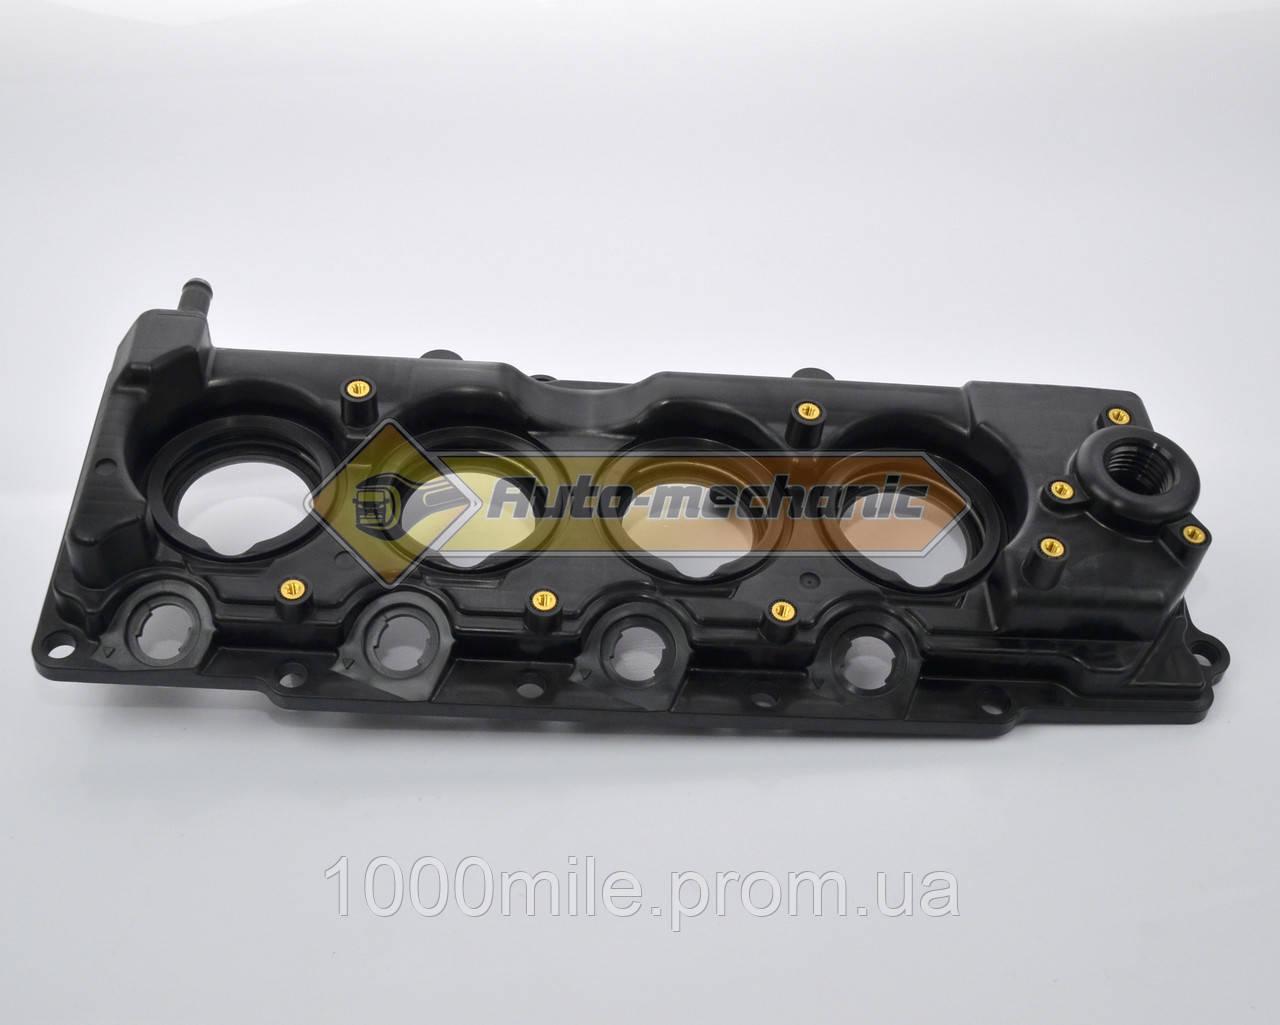 Клапанная крышка на Renault Master II 03->2010 3.0dCi  — Renault (Оригинал) - 7701057896